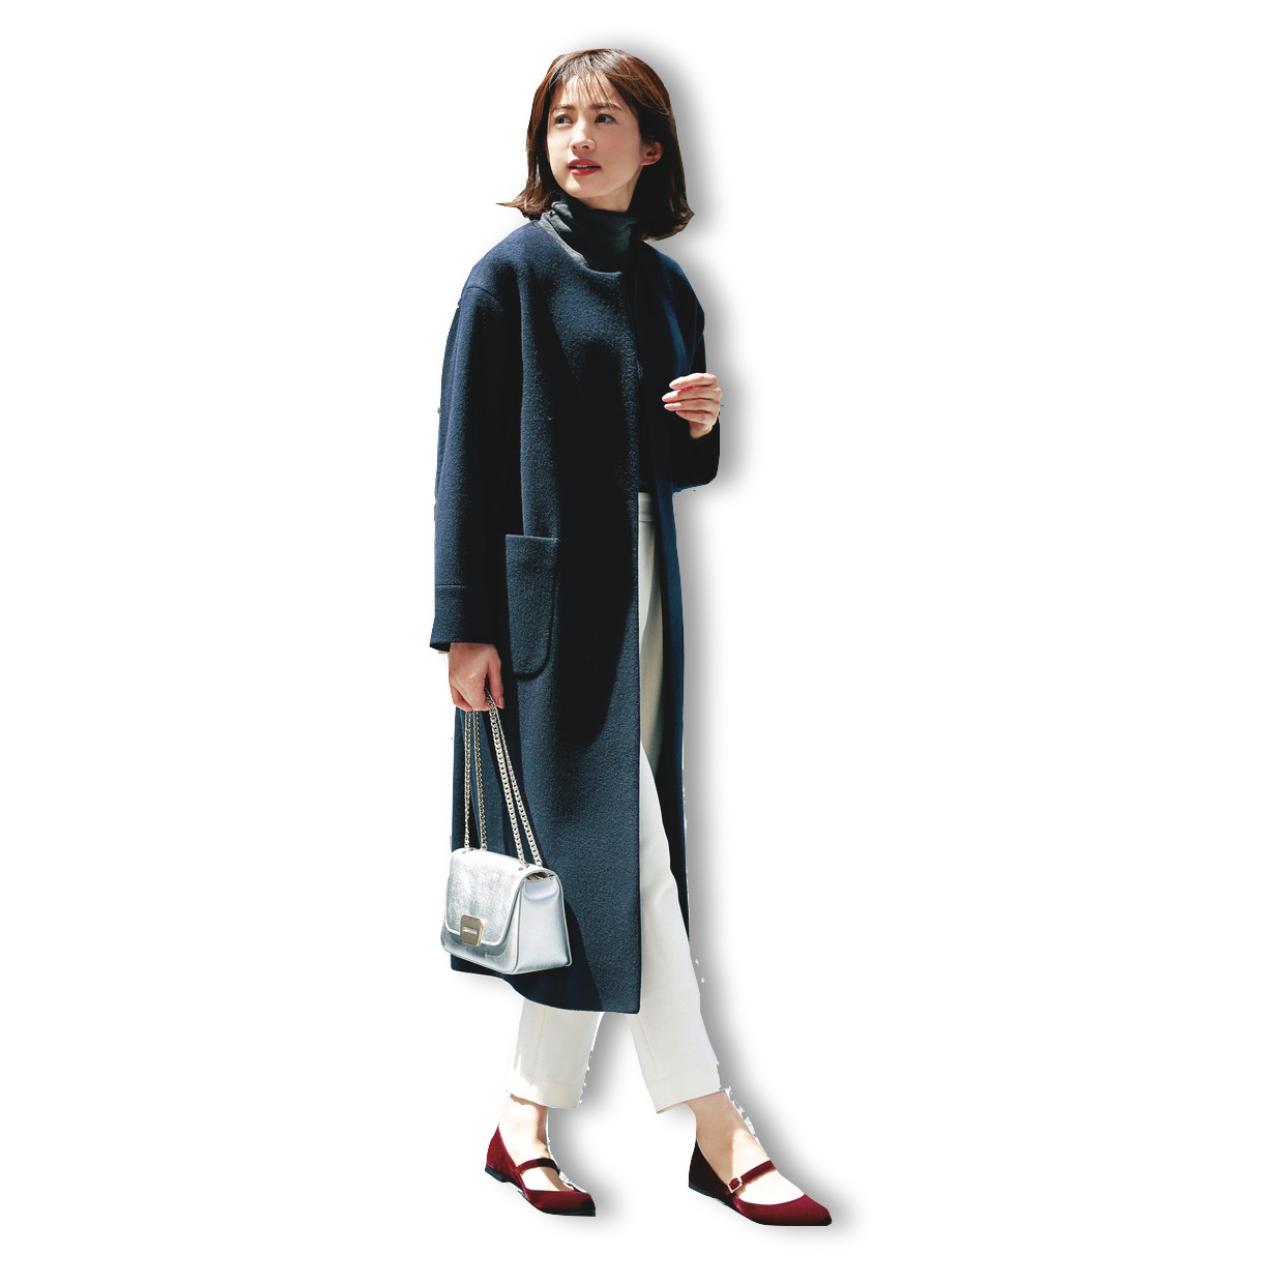 2018年秋冬 人気ファッションコーデランキング14位